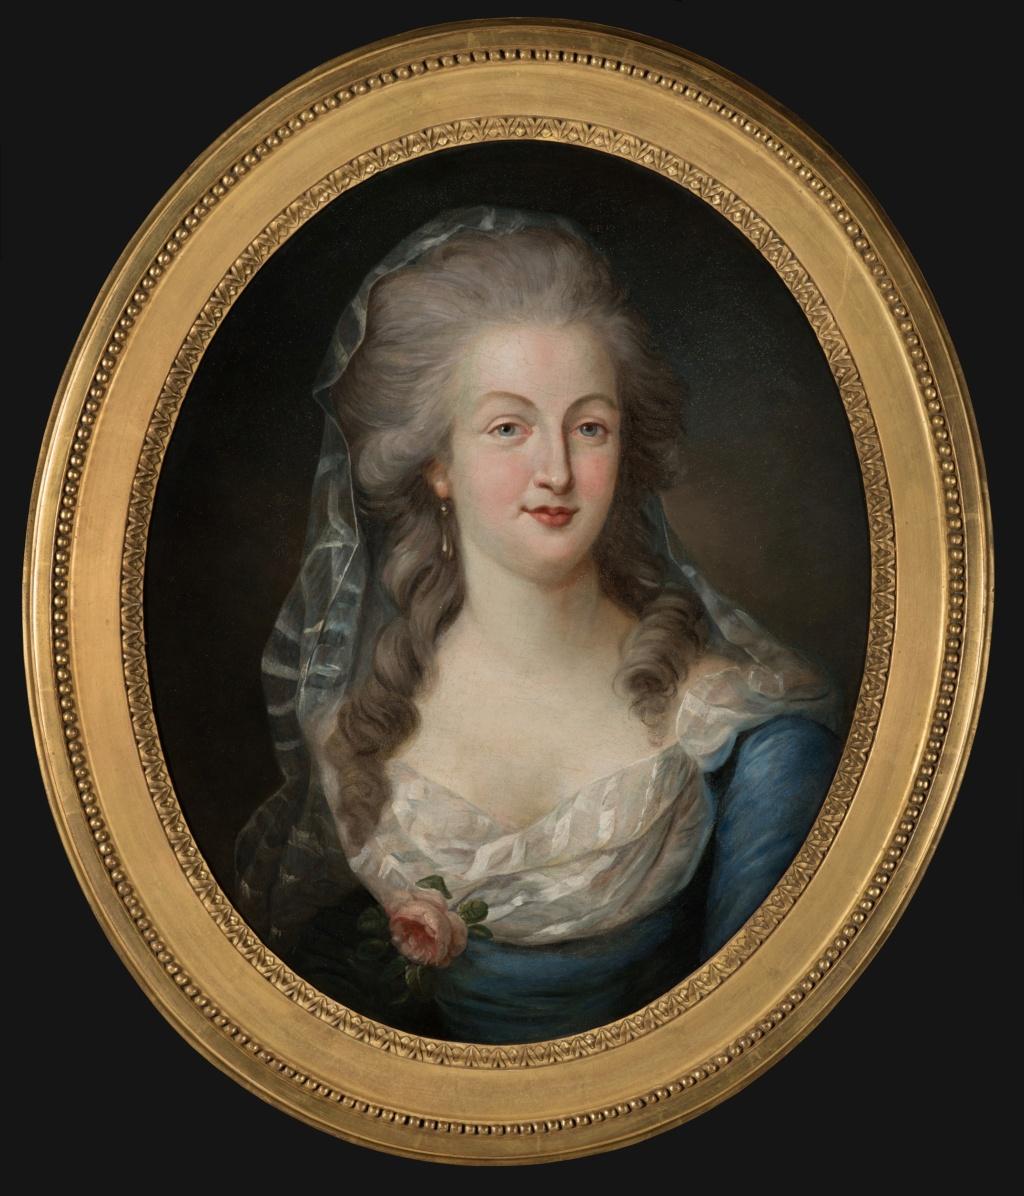 Enquête sur un tableau retrouvé de Marie-Antoinette attribué à Jean-Laurent Mosnier (vers 1776) - Page 3 Artana10